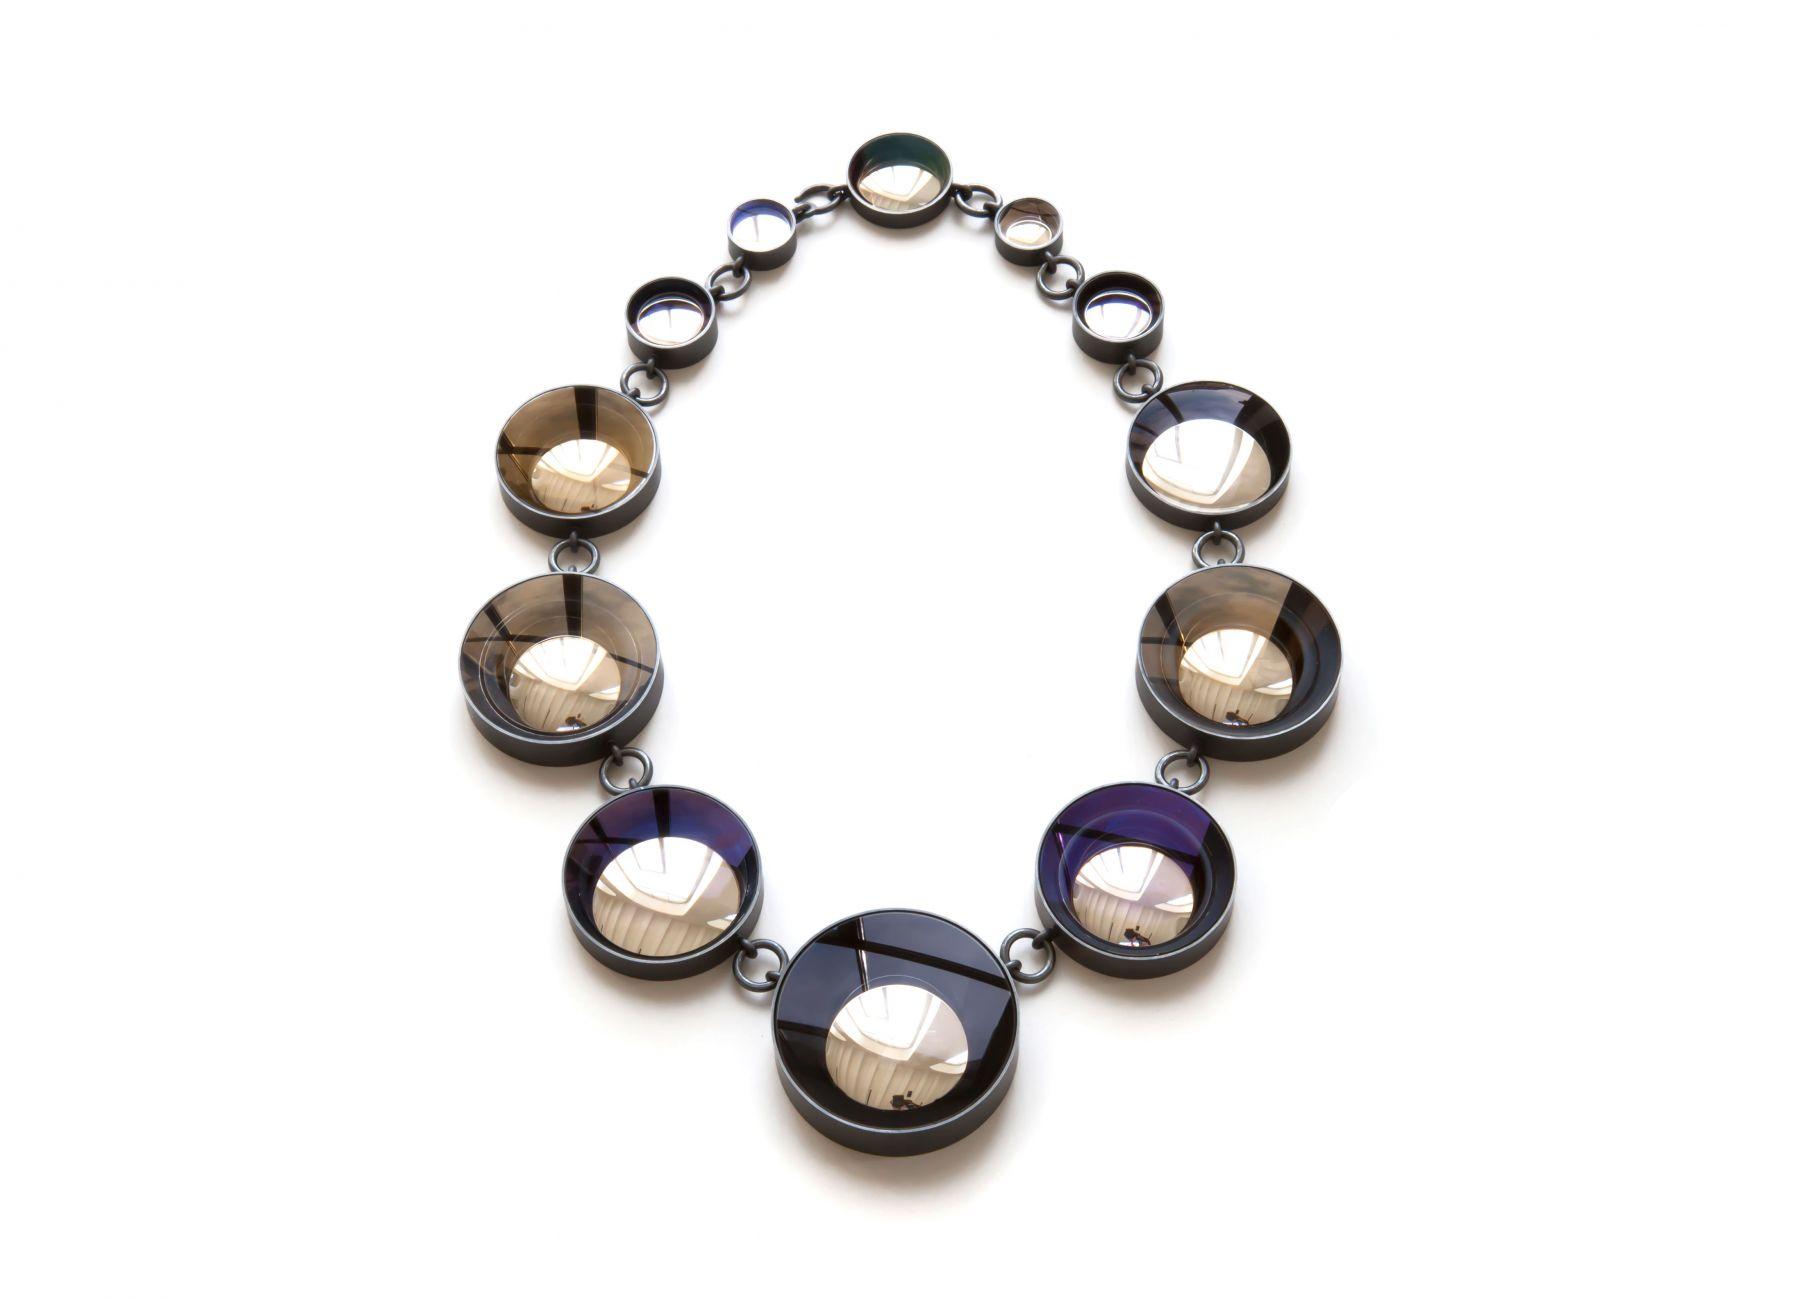 Jiro Kamata, Spiegelkette, Mirror necklace